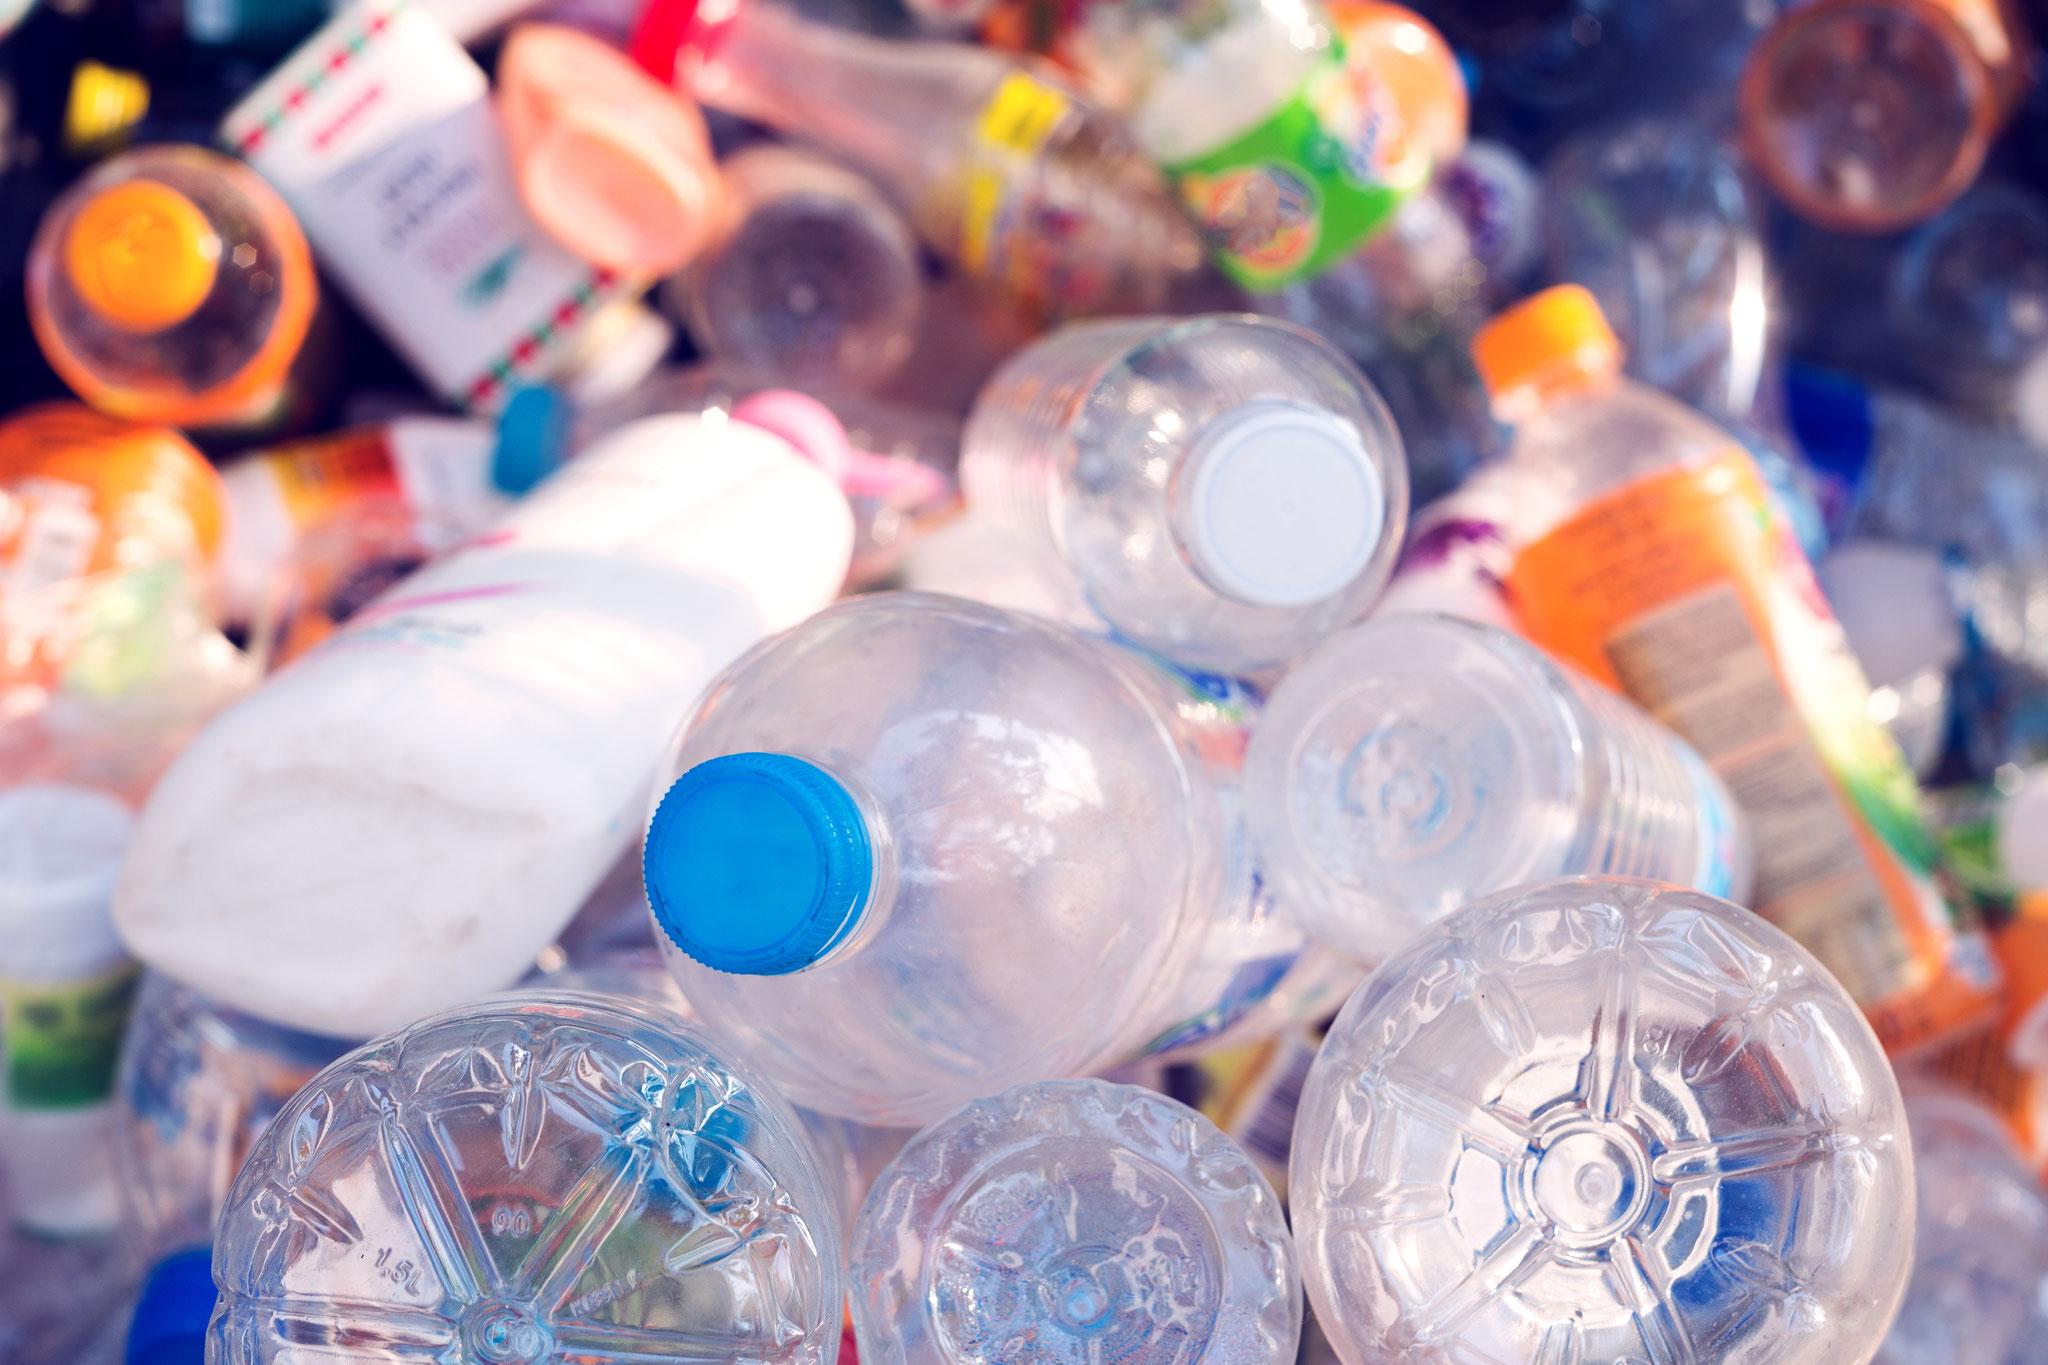 Die eingesammelten PET Flaschen